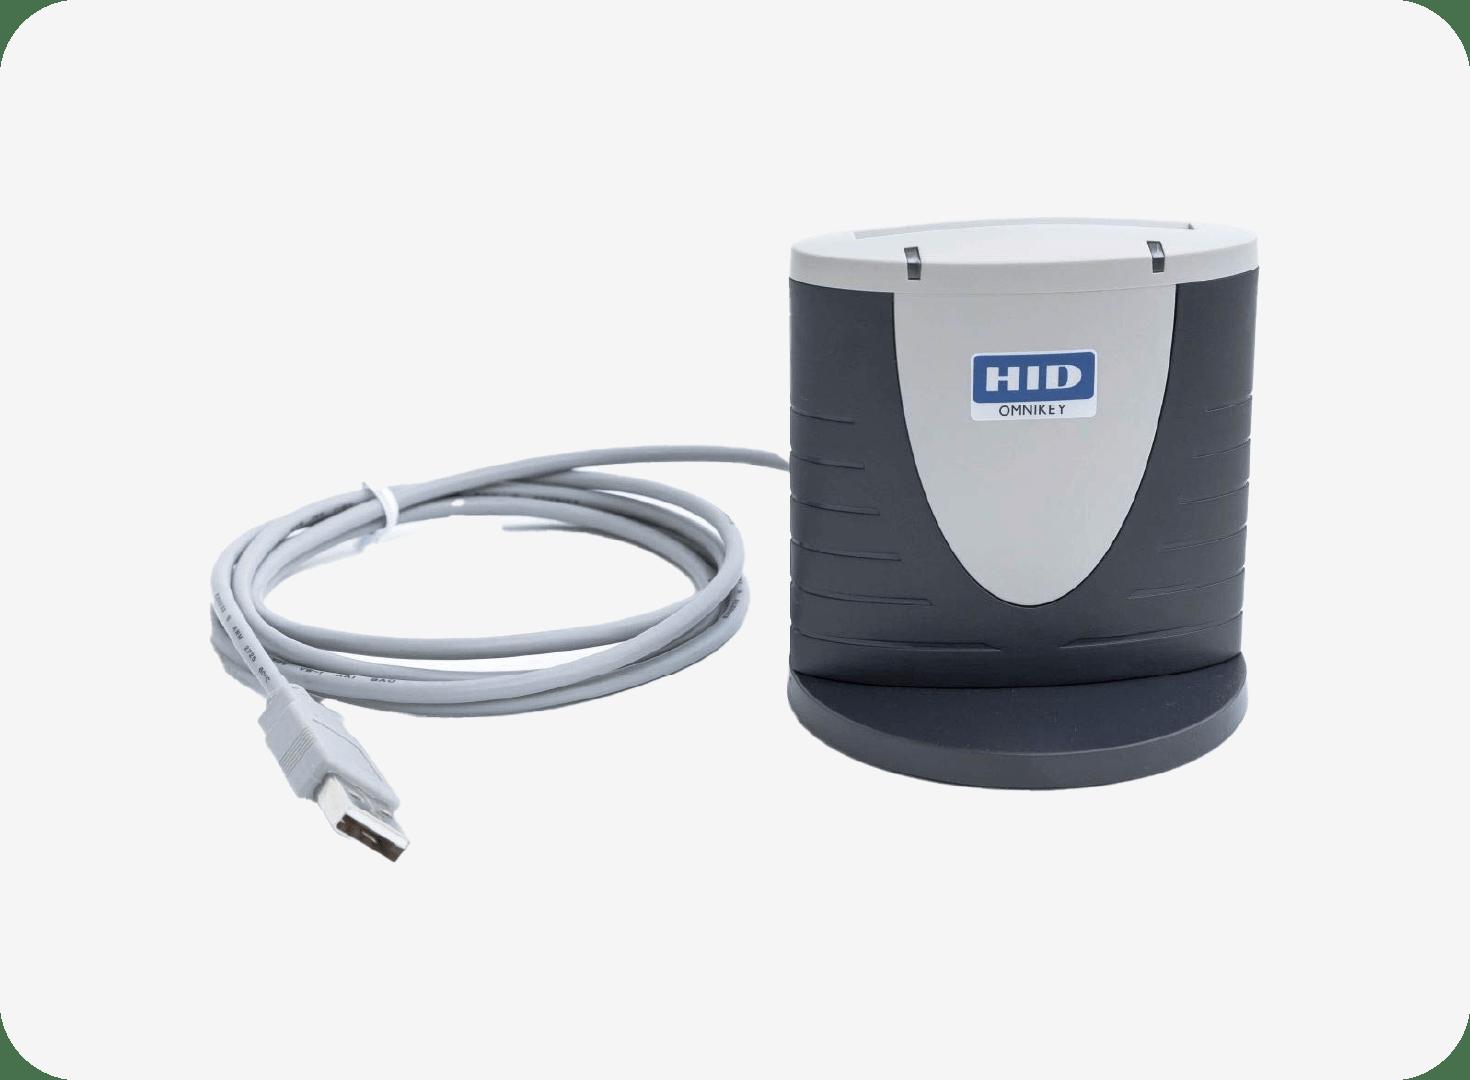 OMNIKEY 3121 USB